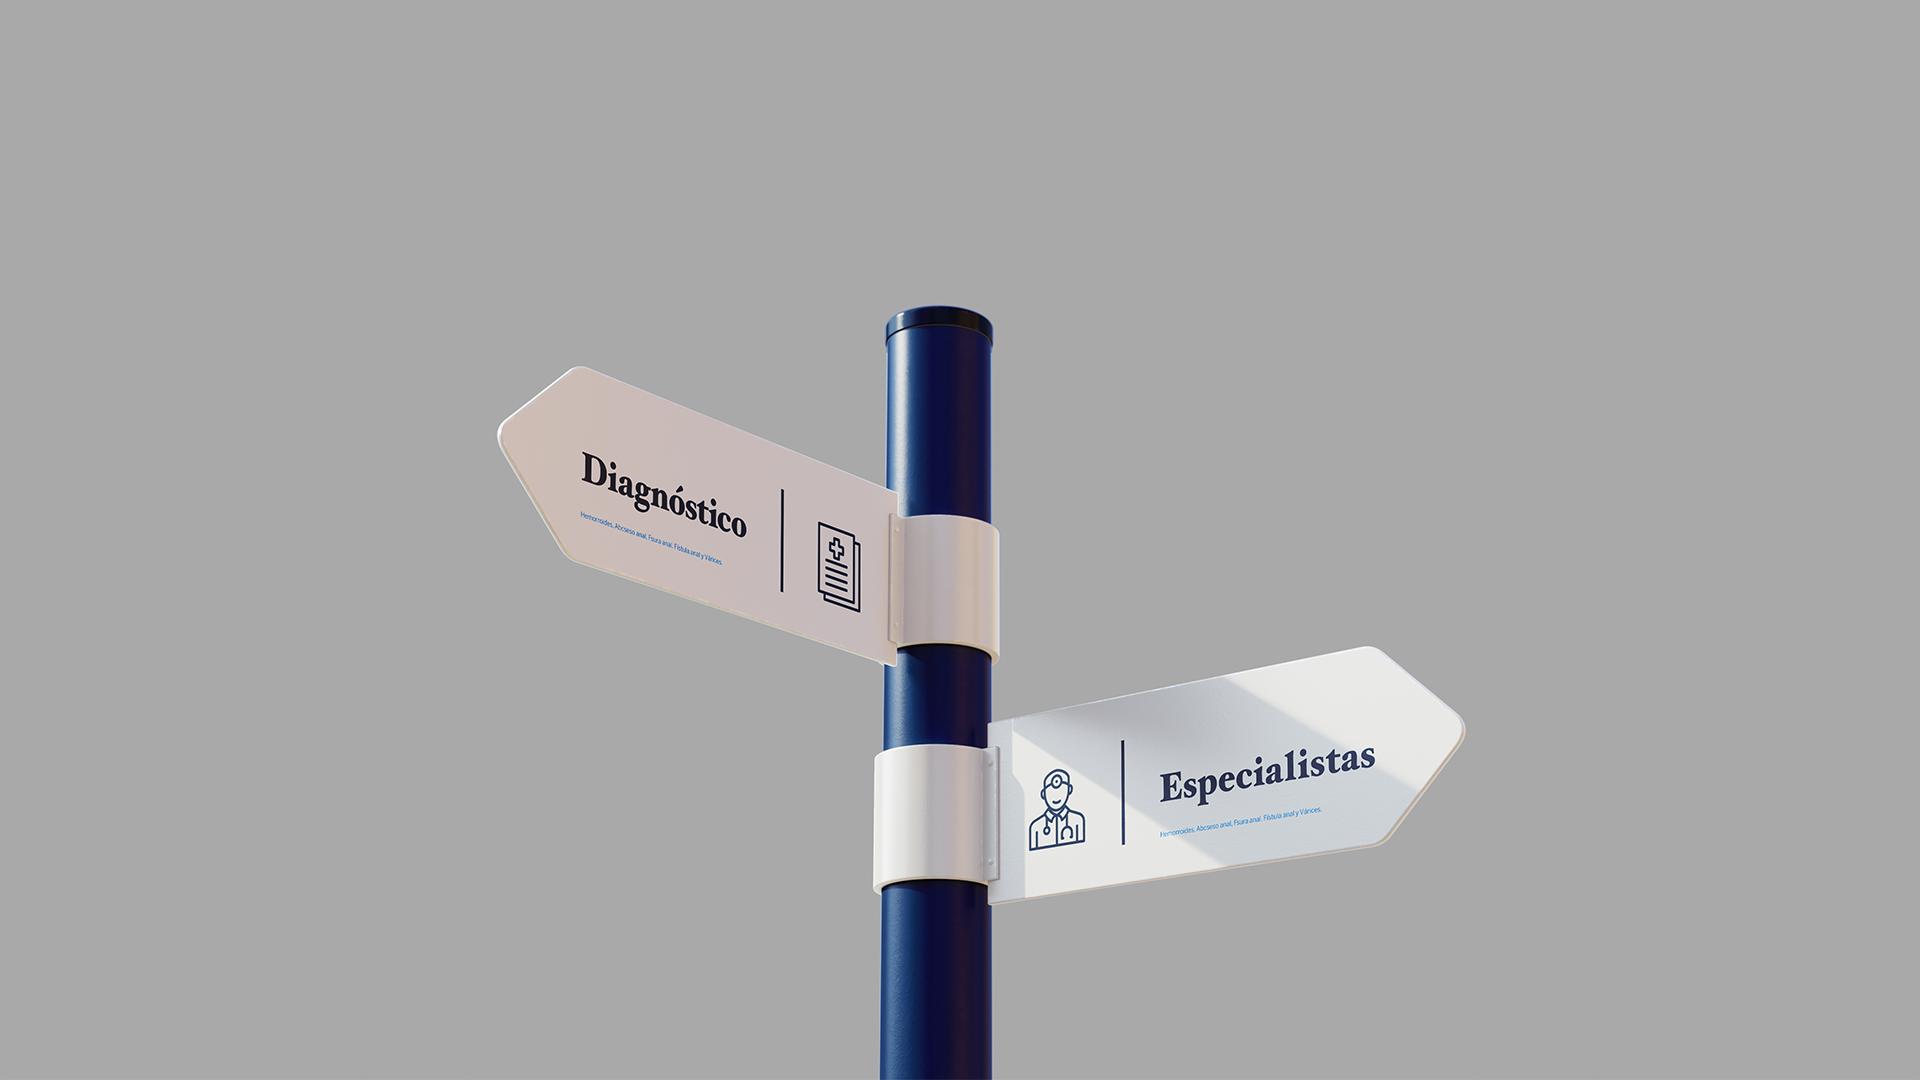 hospital-signage-iml-yoenpaperland